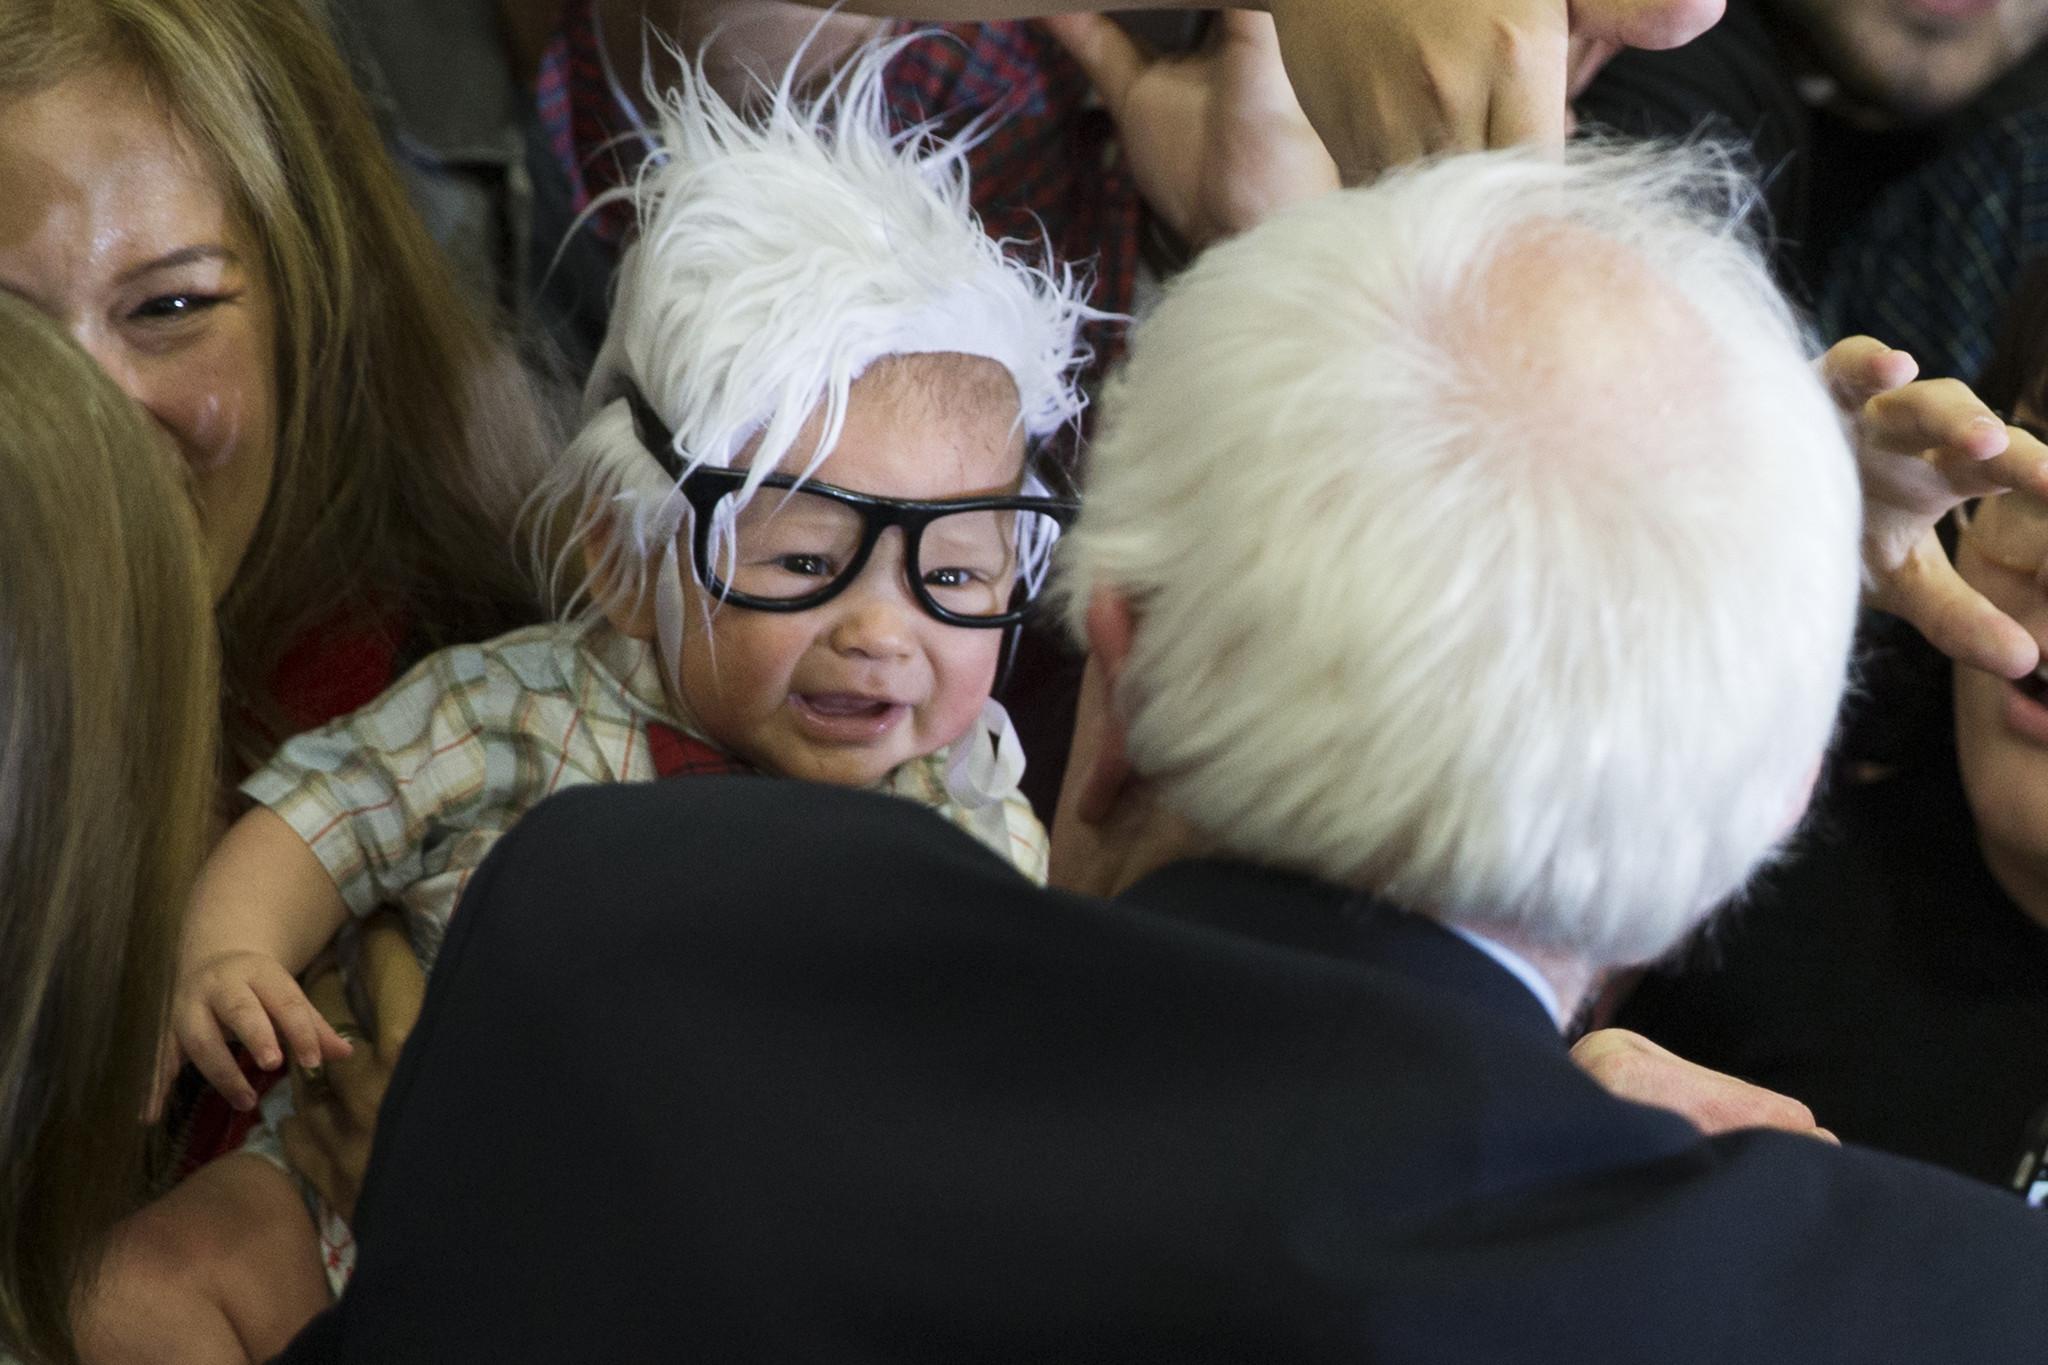 'Bernie Baby,' social media's 4-month-old Bernie Sanders lookalike, has died